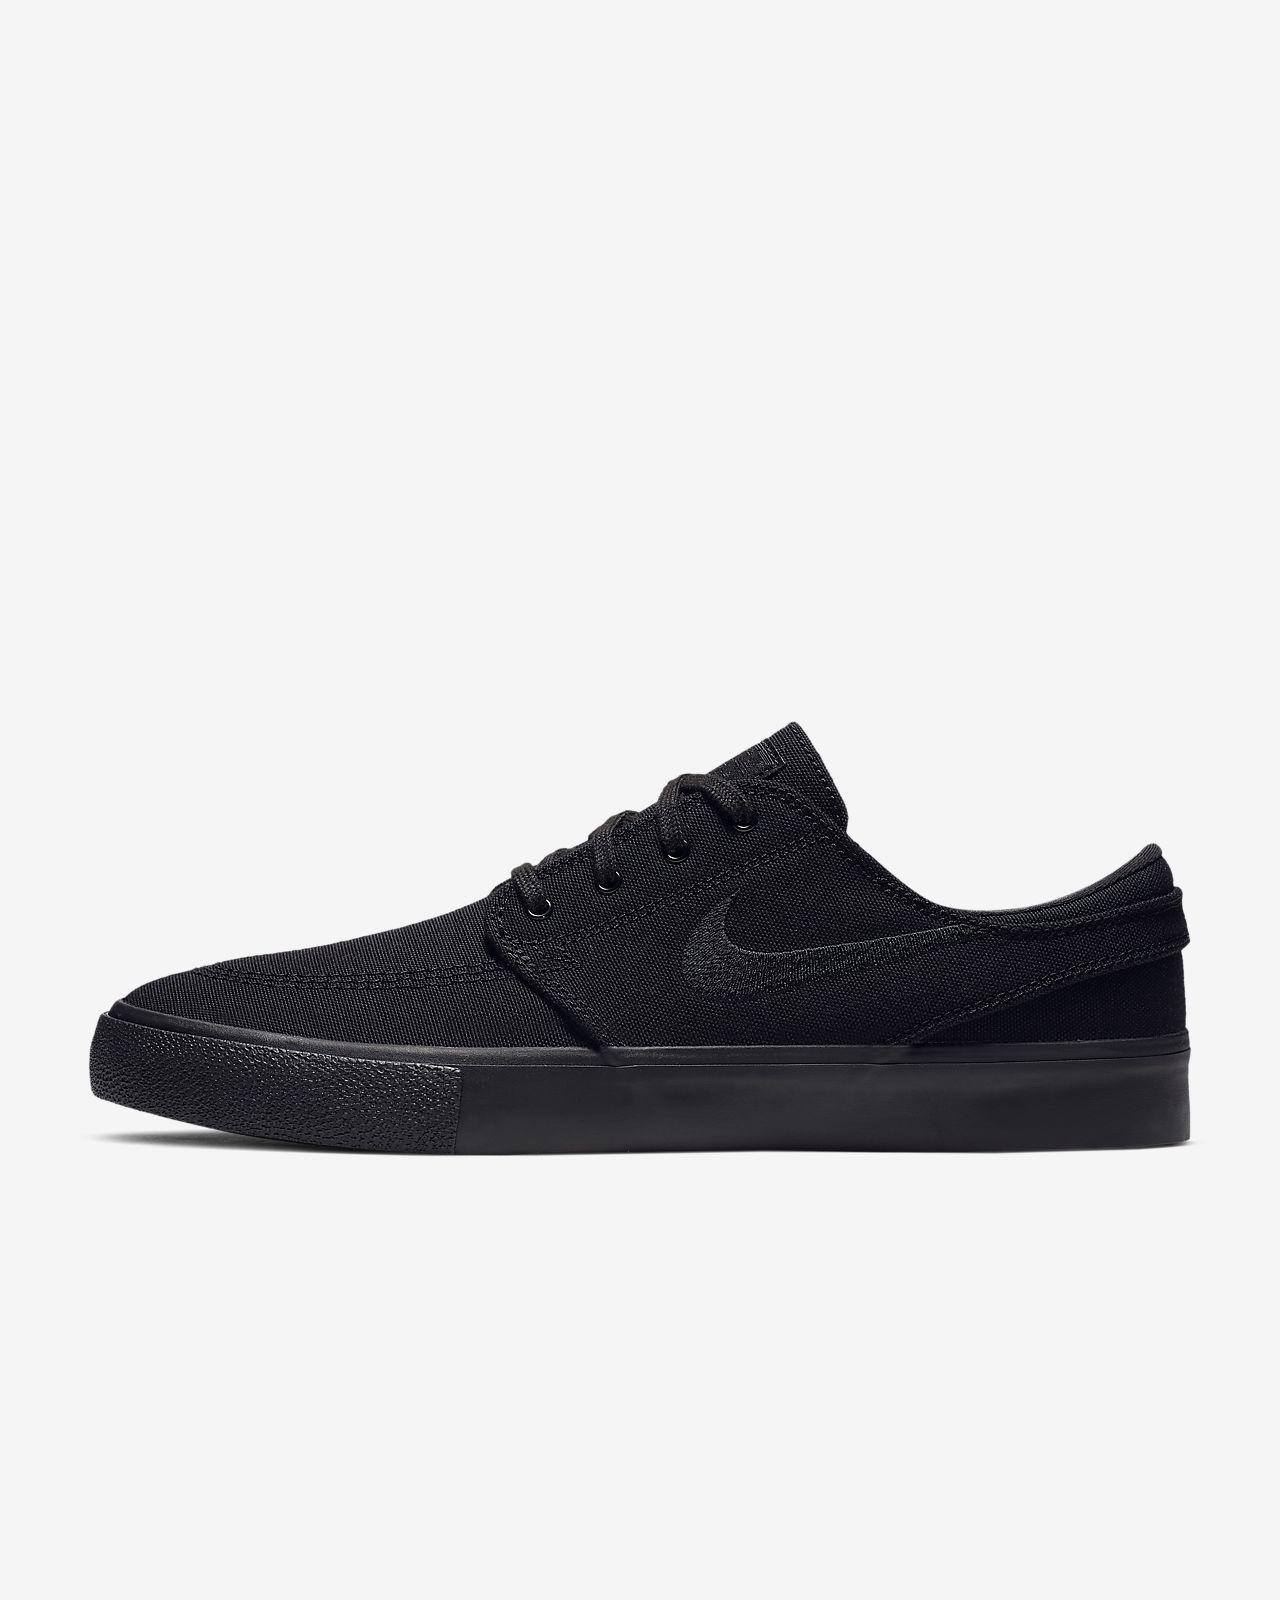 Nike | SB Zoom Janoski RM Sneaker | Nordstrom Rack